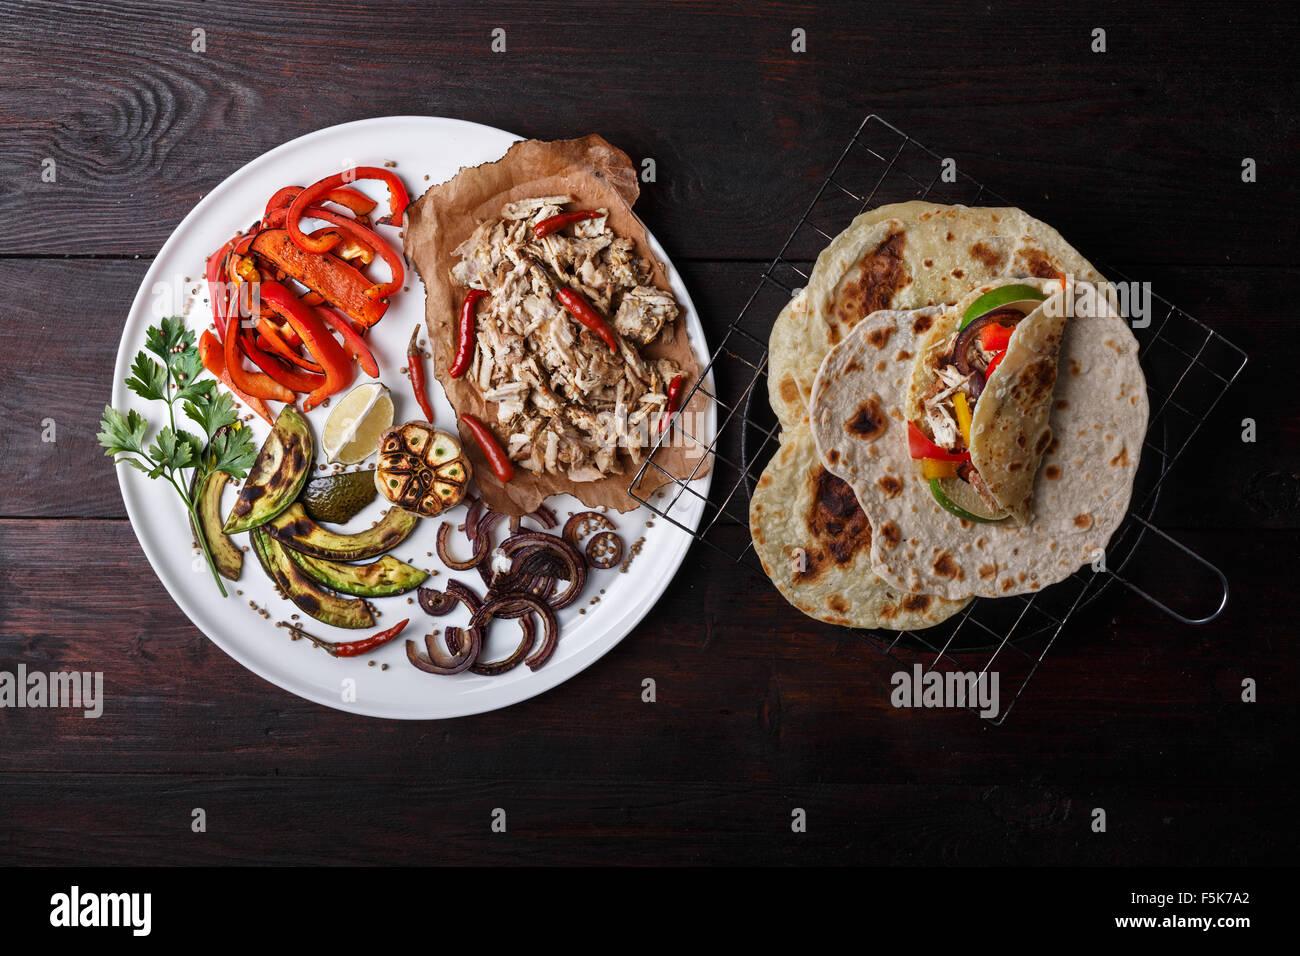 Fajita avec poivrons et de porc. Tortillas, avocat, oignons grillés servis avec de la viande et les légumes Photo Stock